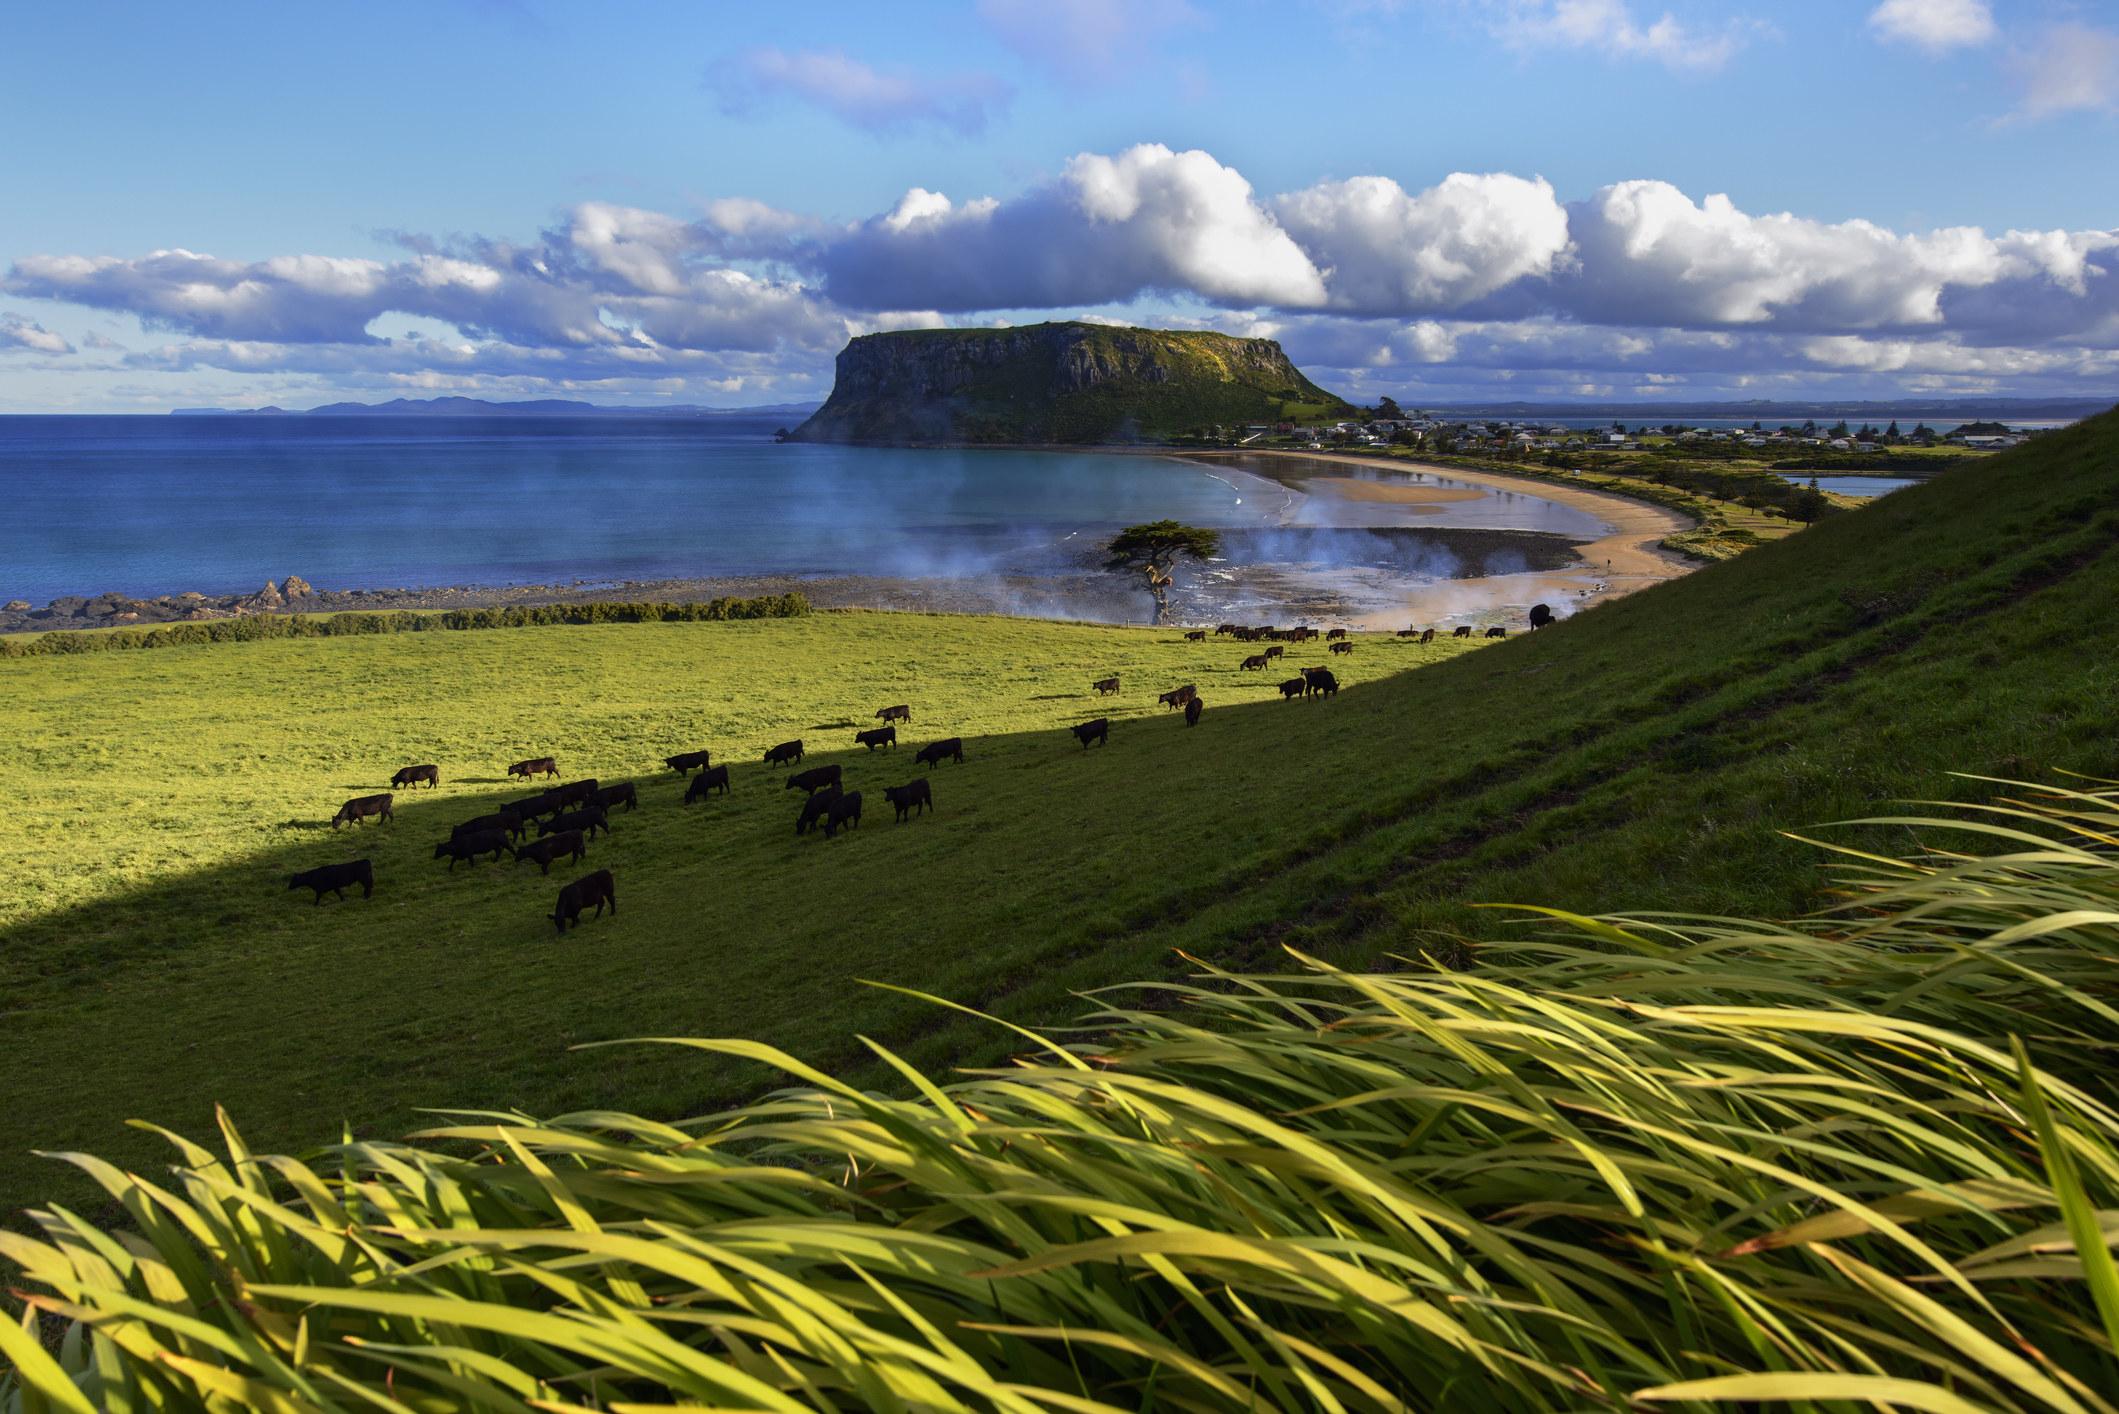 Farmland and the sea in Tasmania.